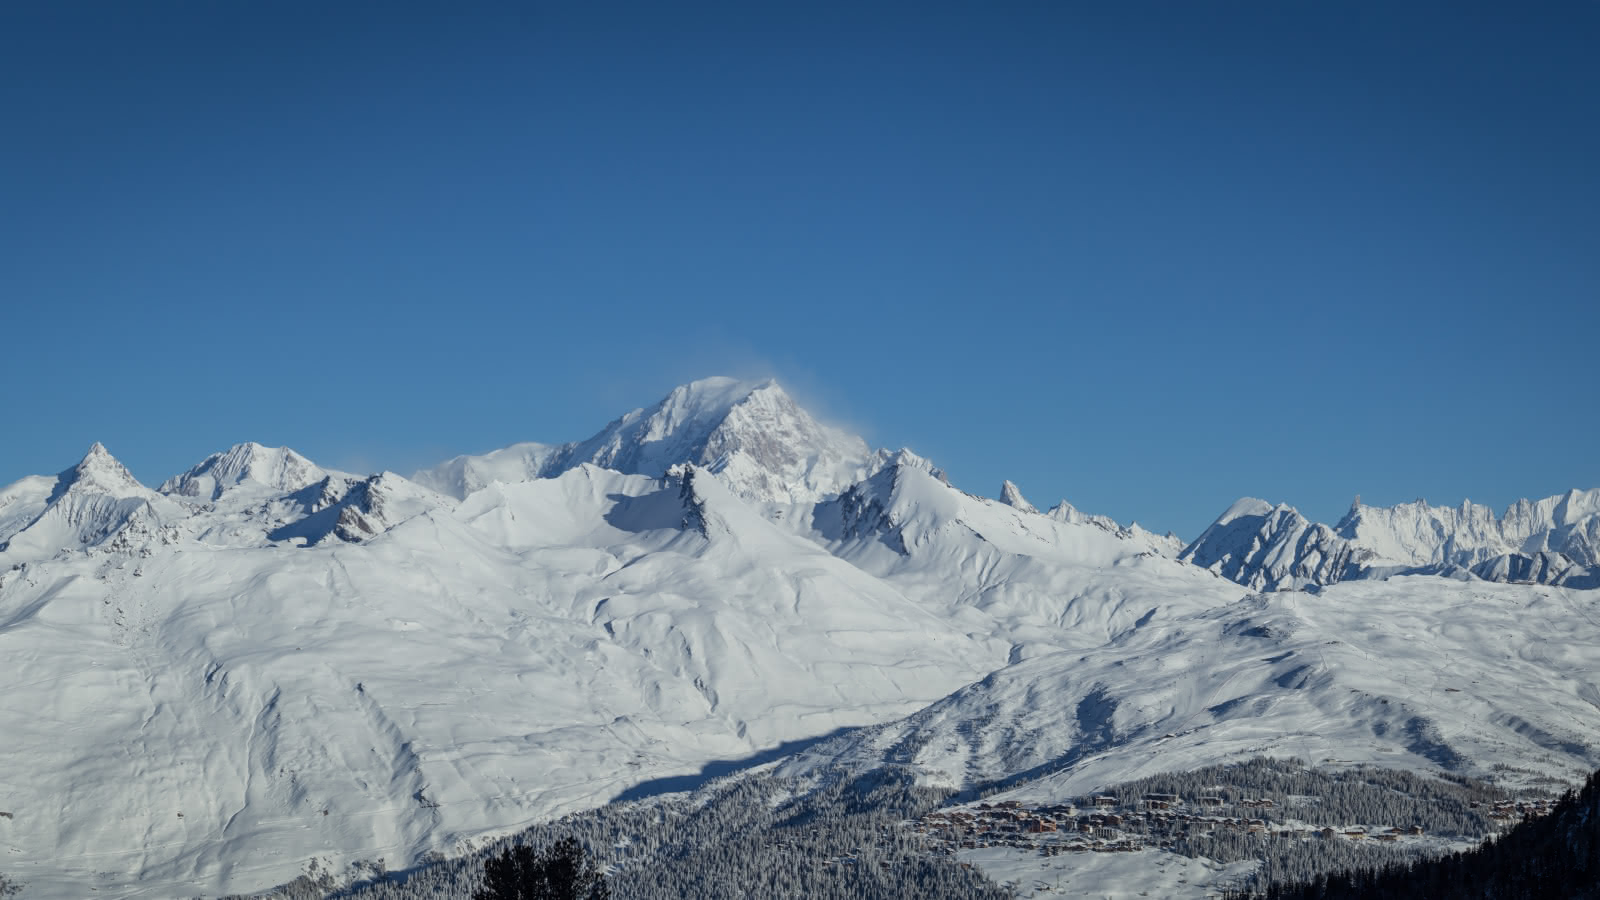 la rosiere et le mont blanc